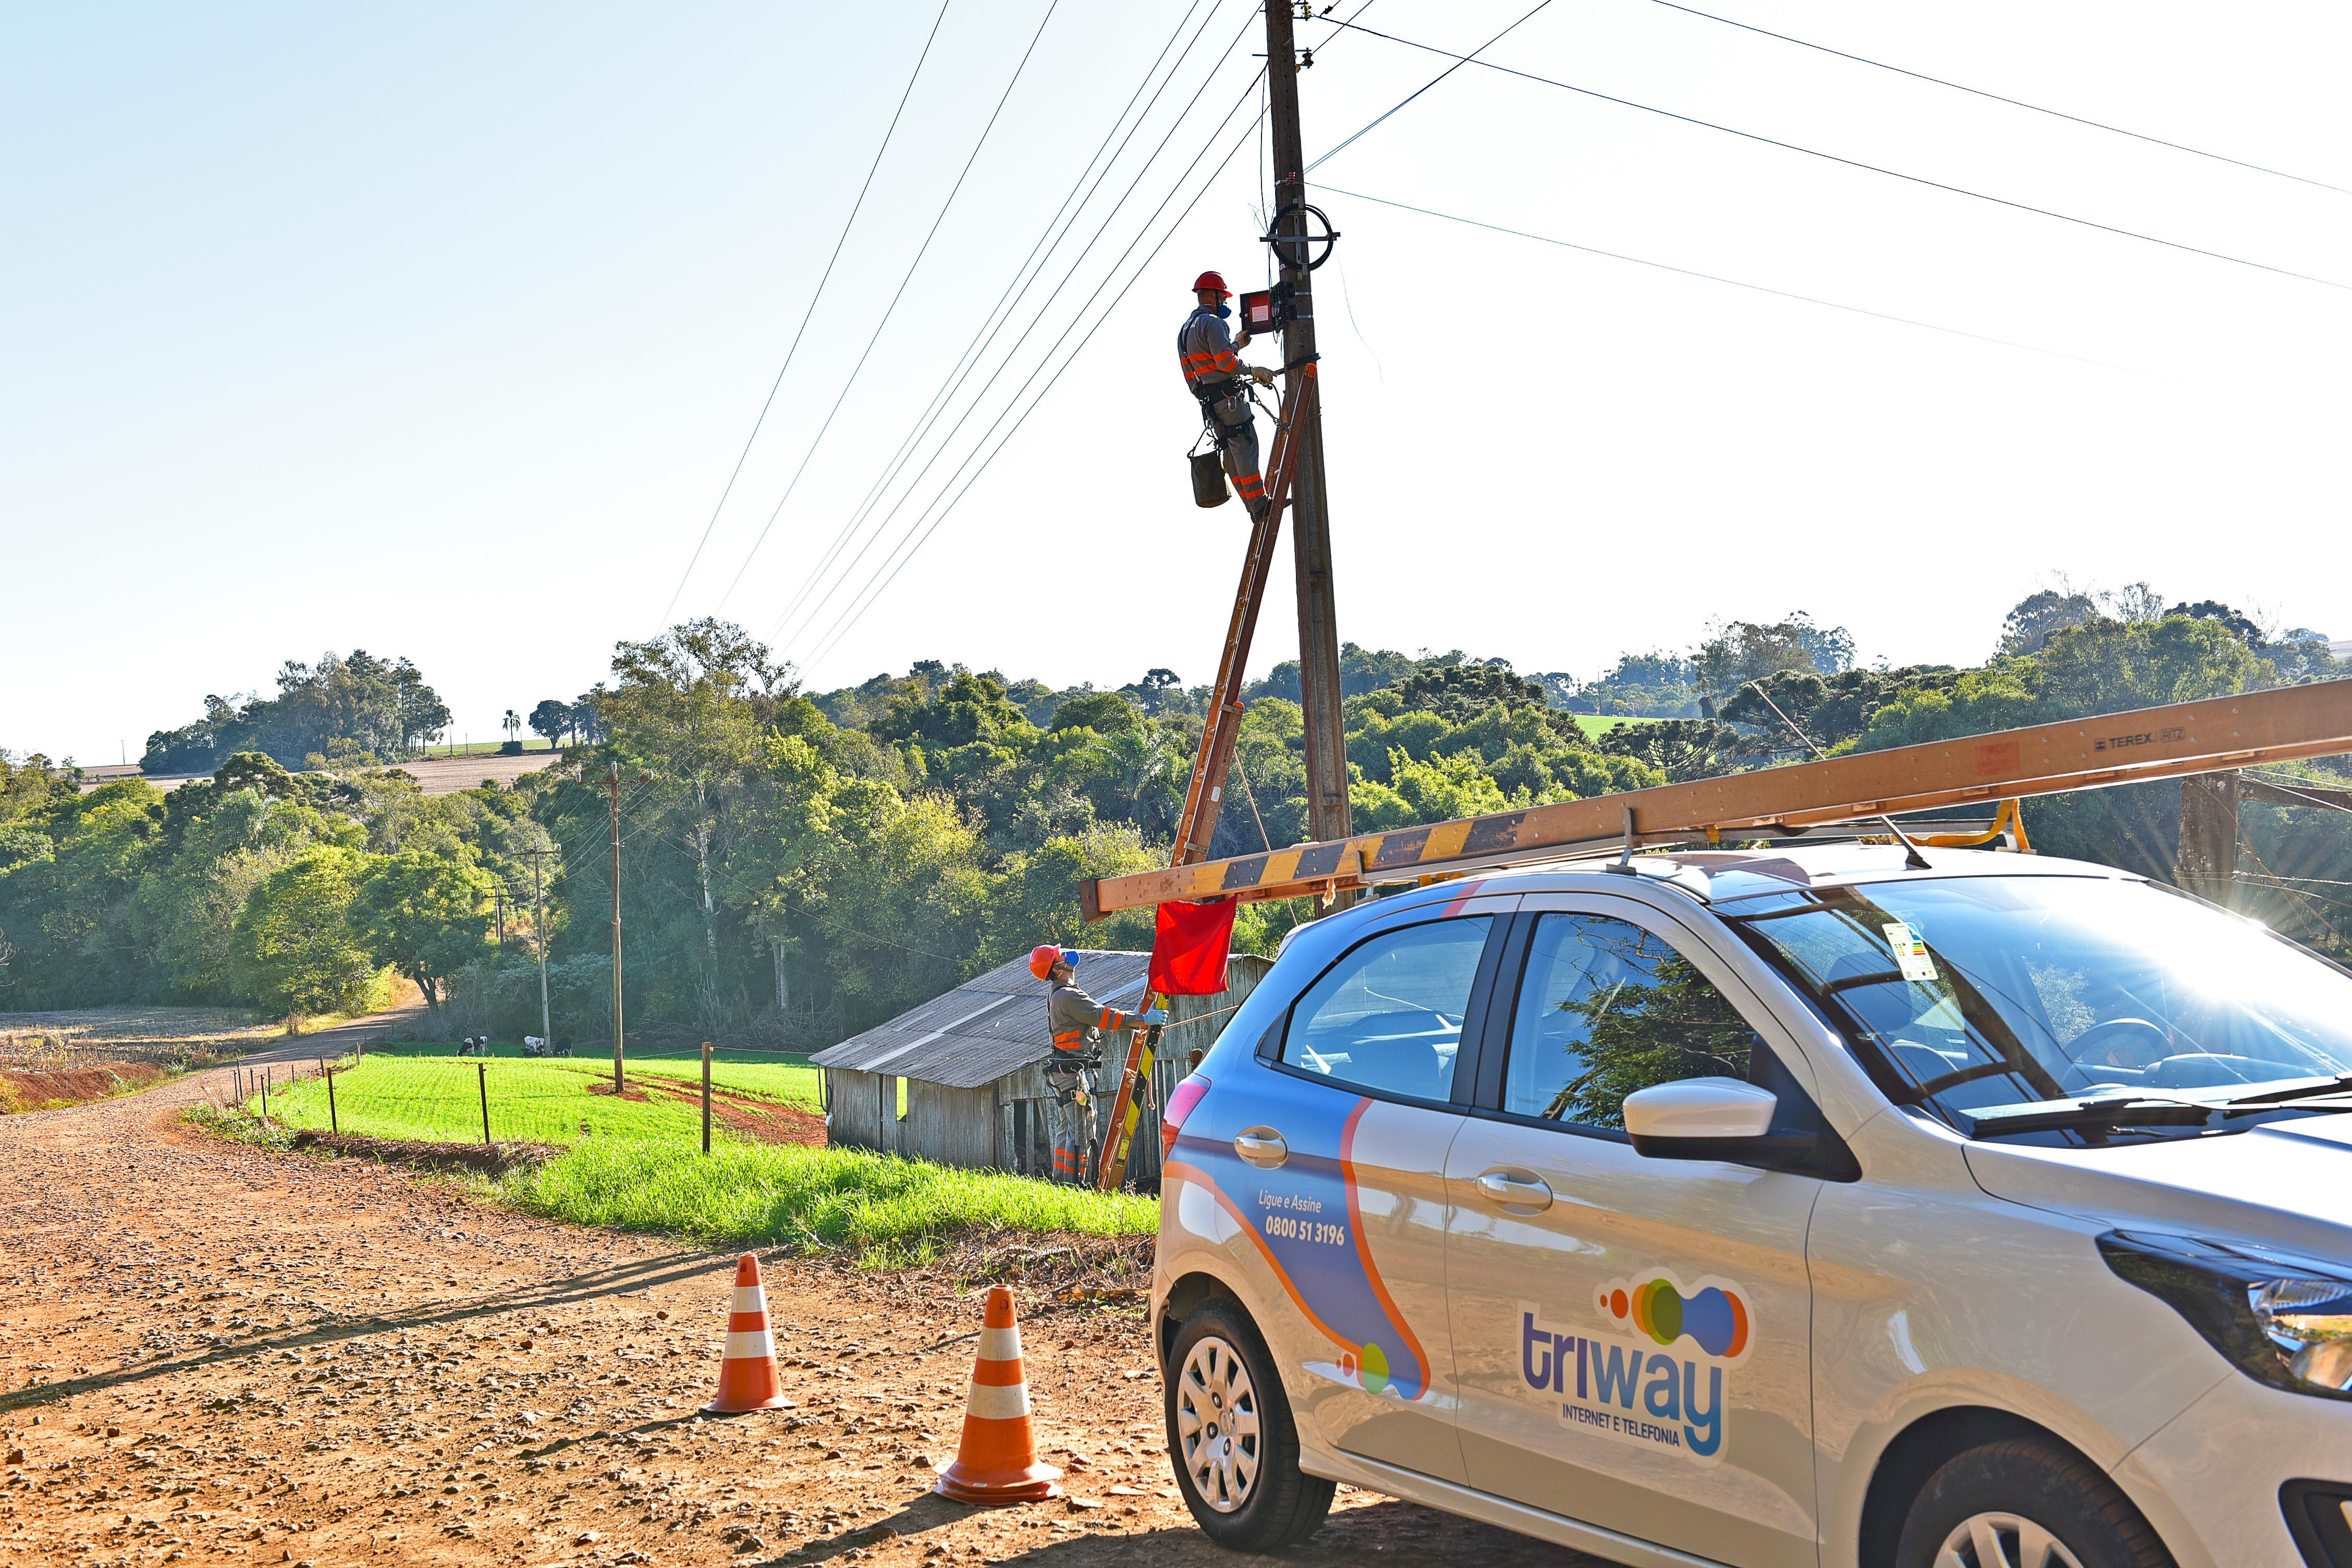 Triway Coprel Telecom amplia oferta de internet e telefonia nas áreas urbanas e rurais